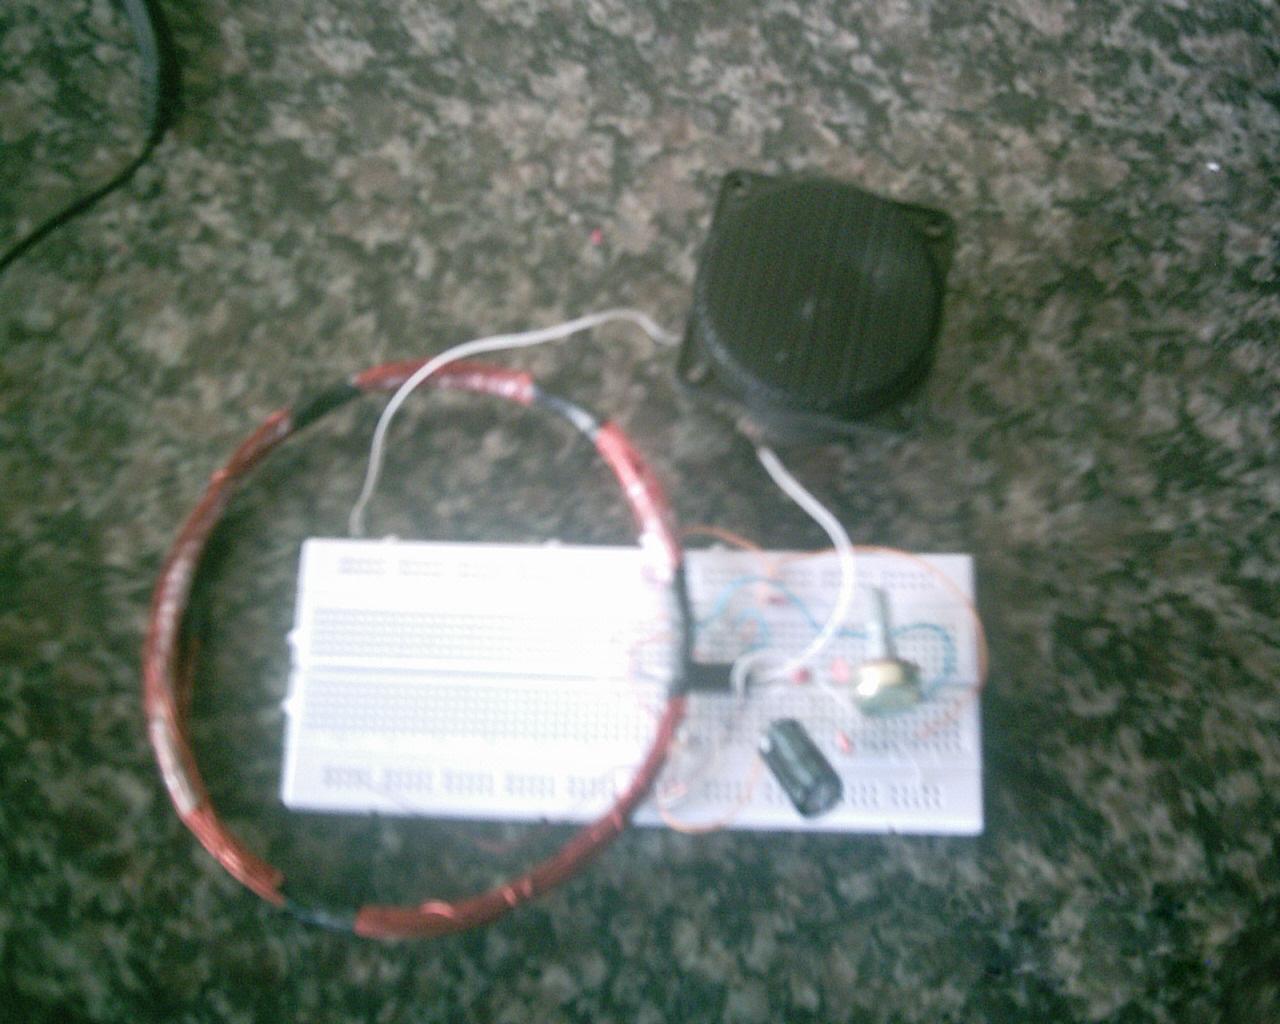 como fazer um detector de metais caseiro e muito facil